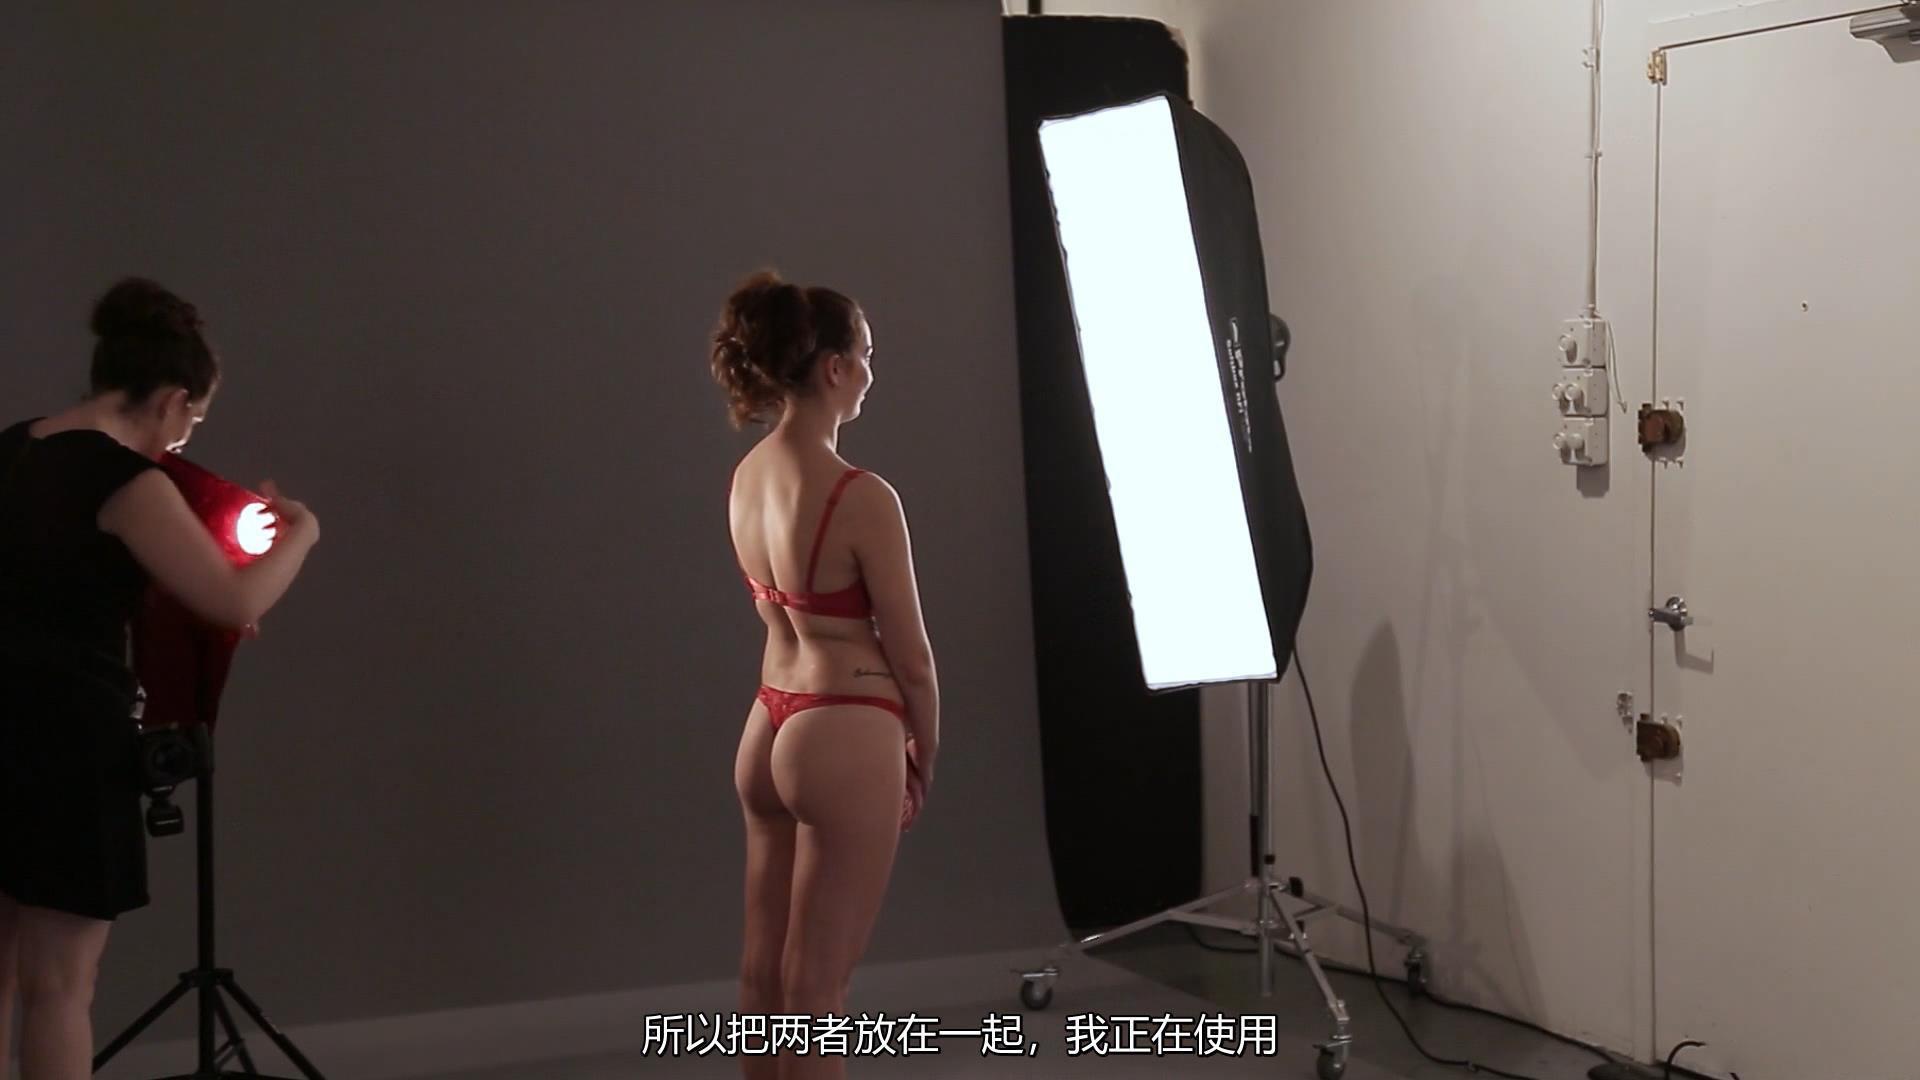 摄影教程_Lindsay Adler为期10周的工作室棚拍布光大师班教程-中文字幕 摄影教程 _预览图21